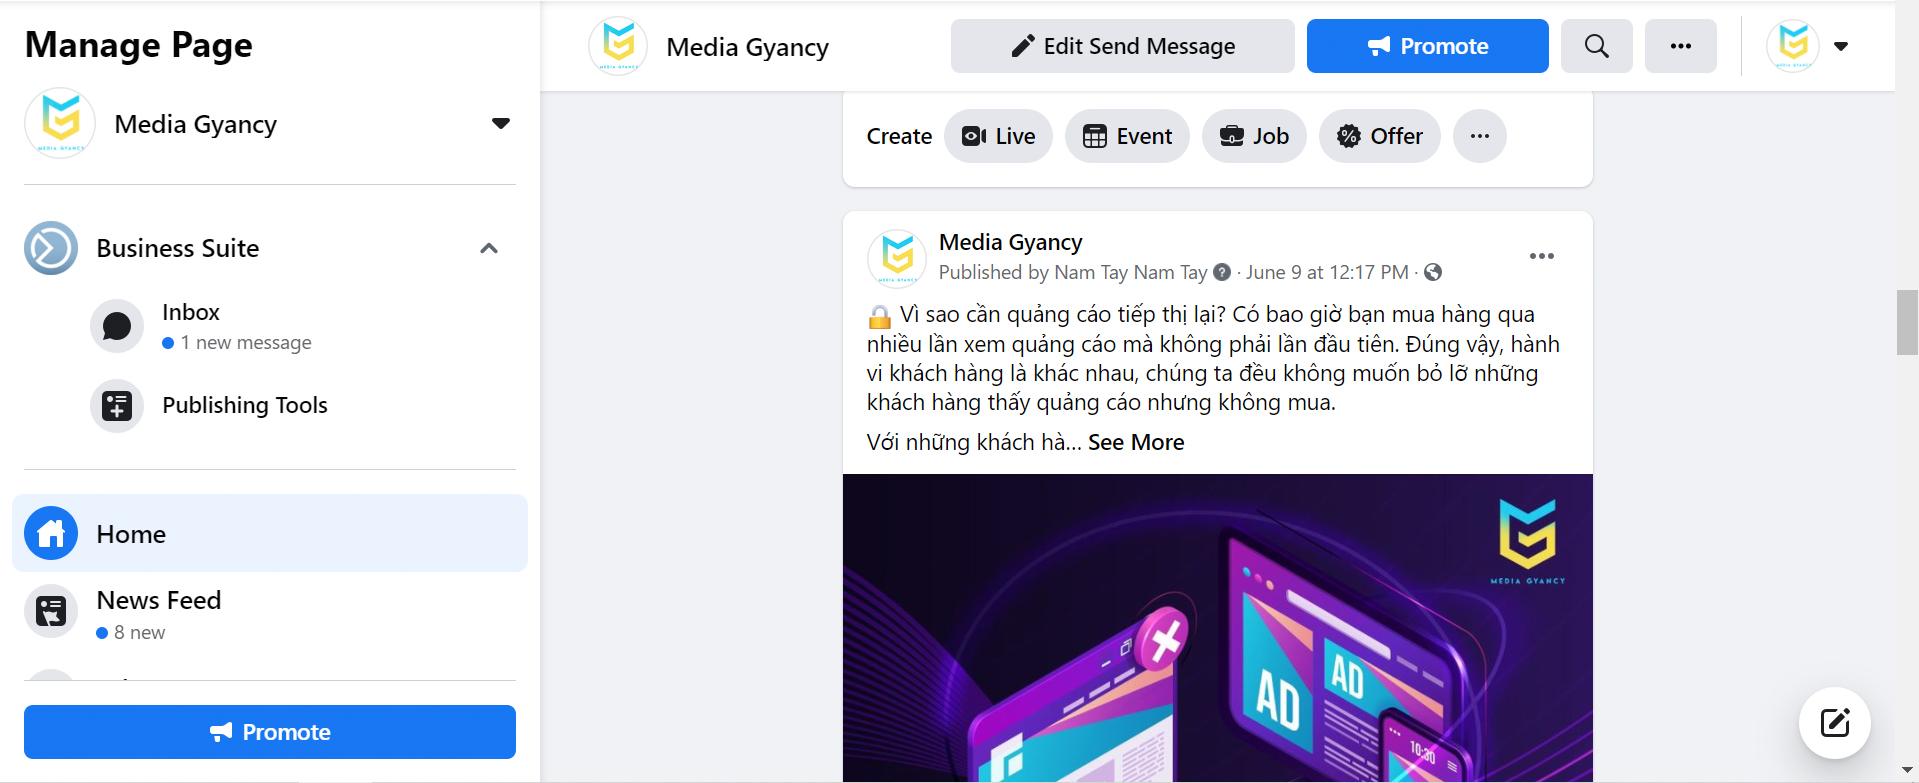 Chạy quảng cáo Facebook cần chuẩn bị những gì